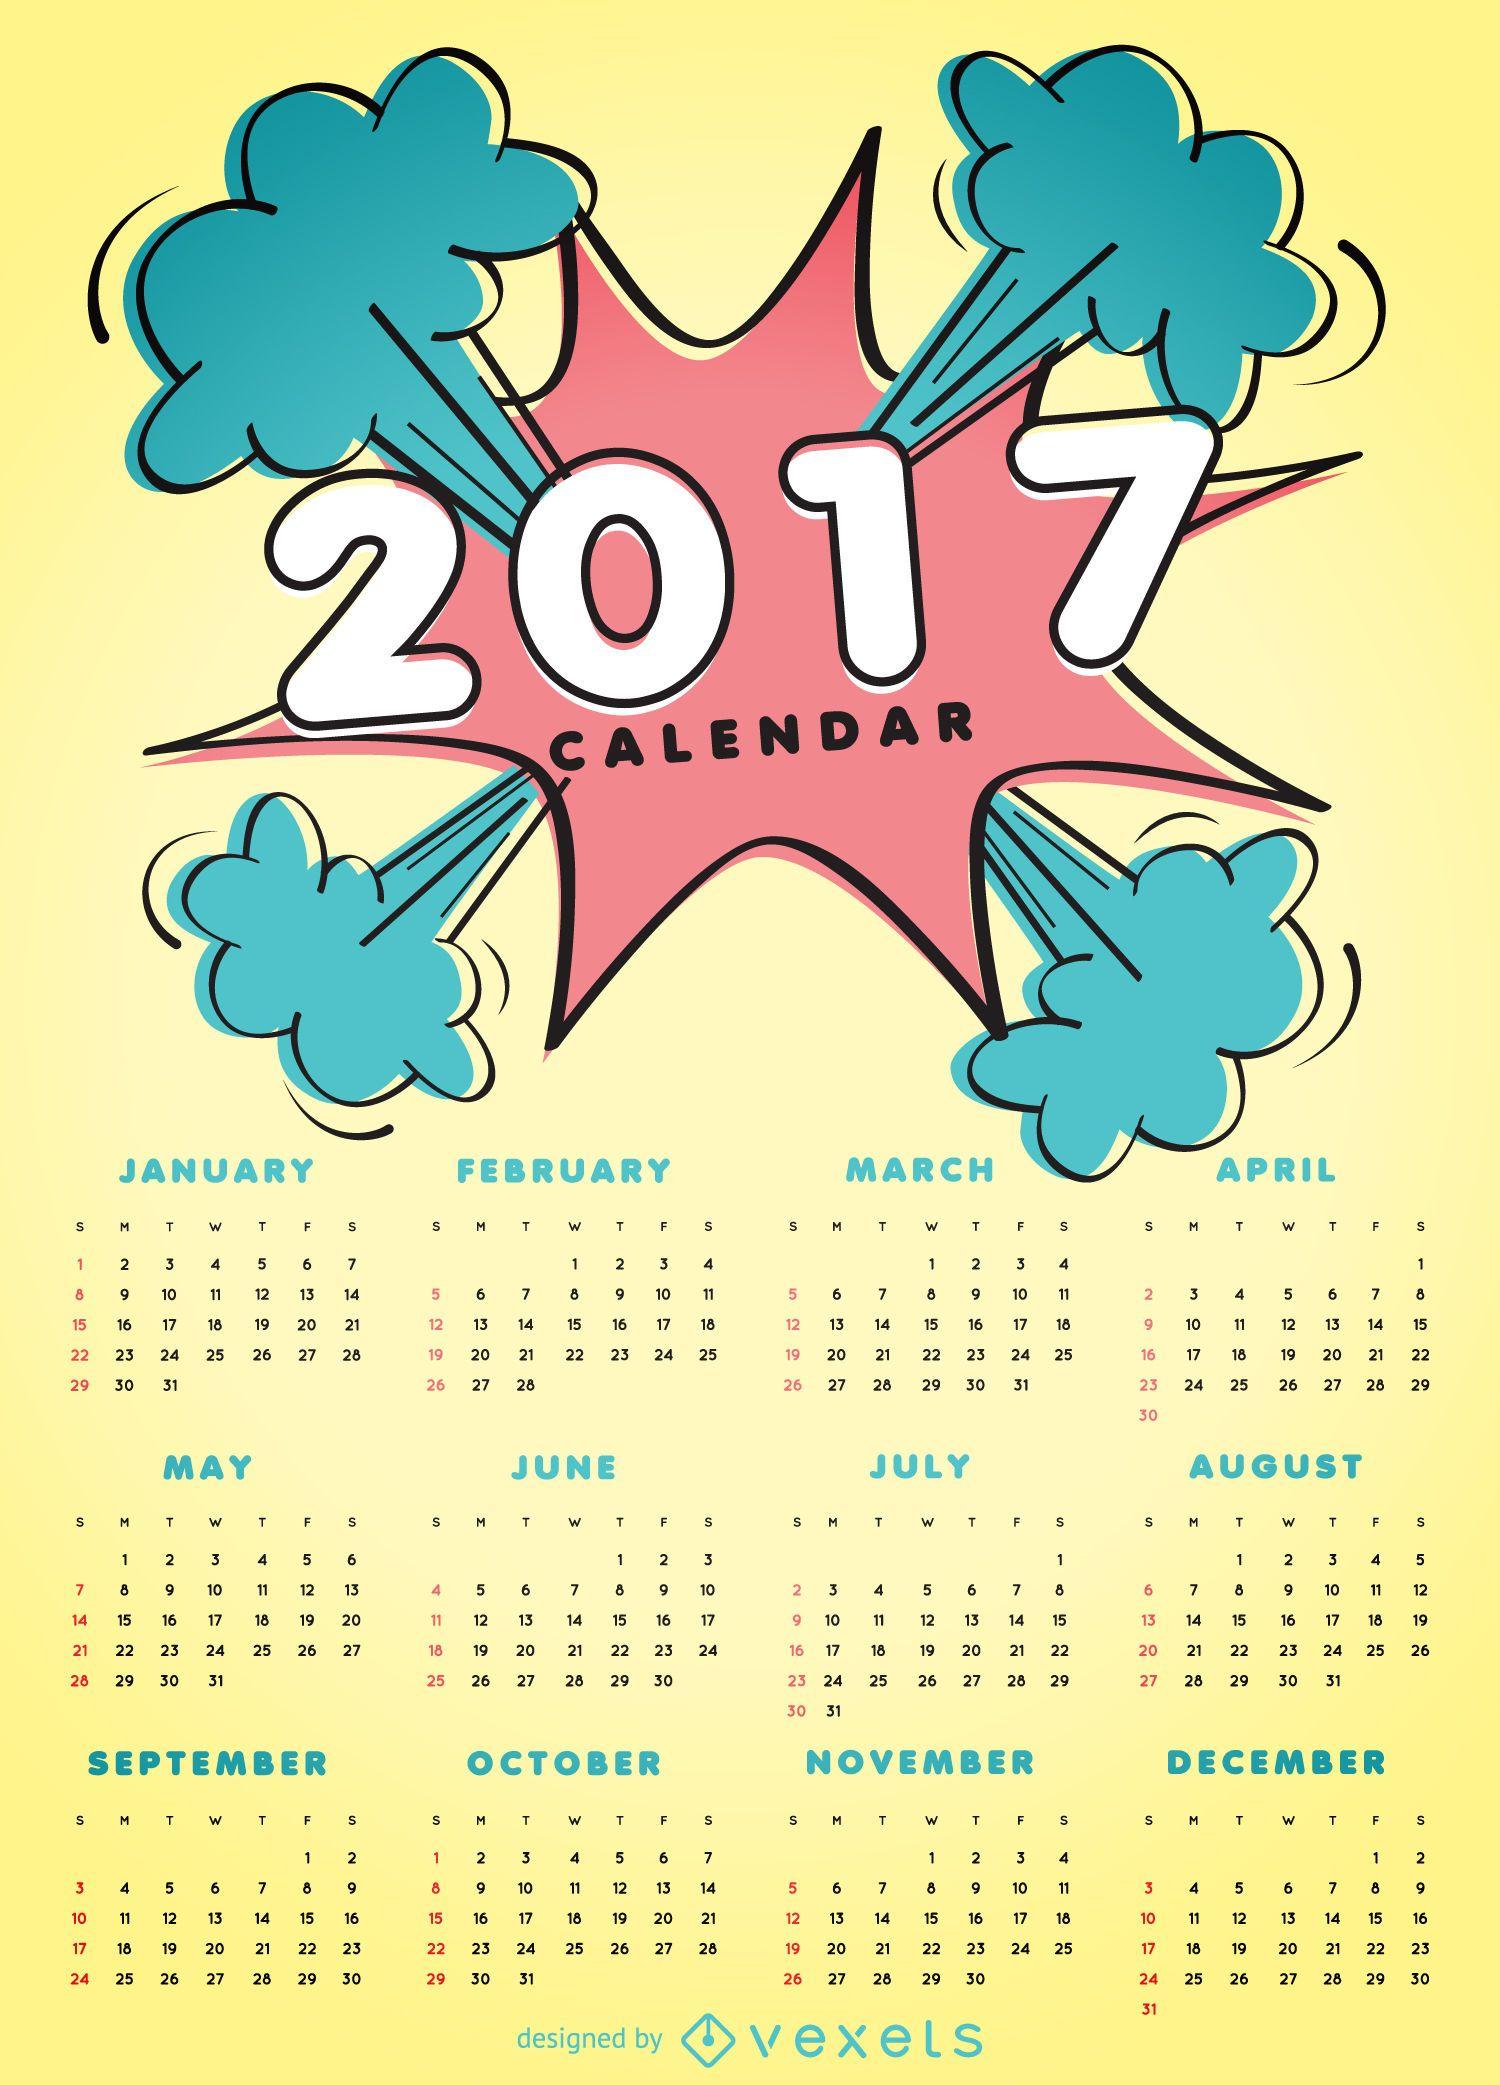 Year Calendar Jsf : Stunning free vector calendars design inspiration